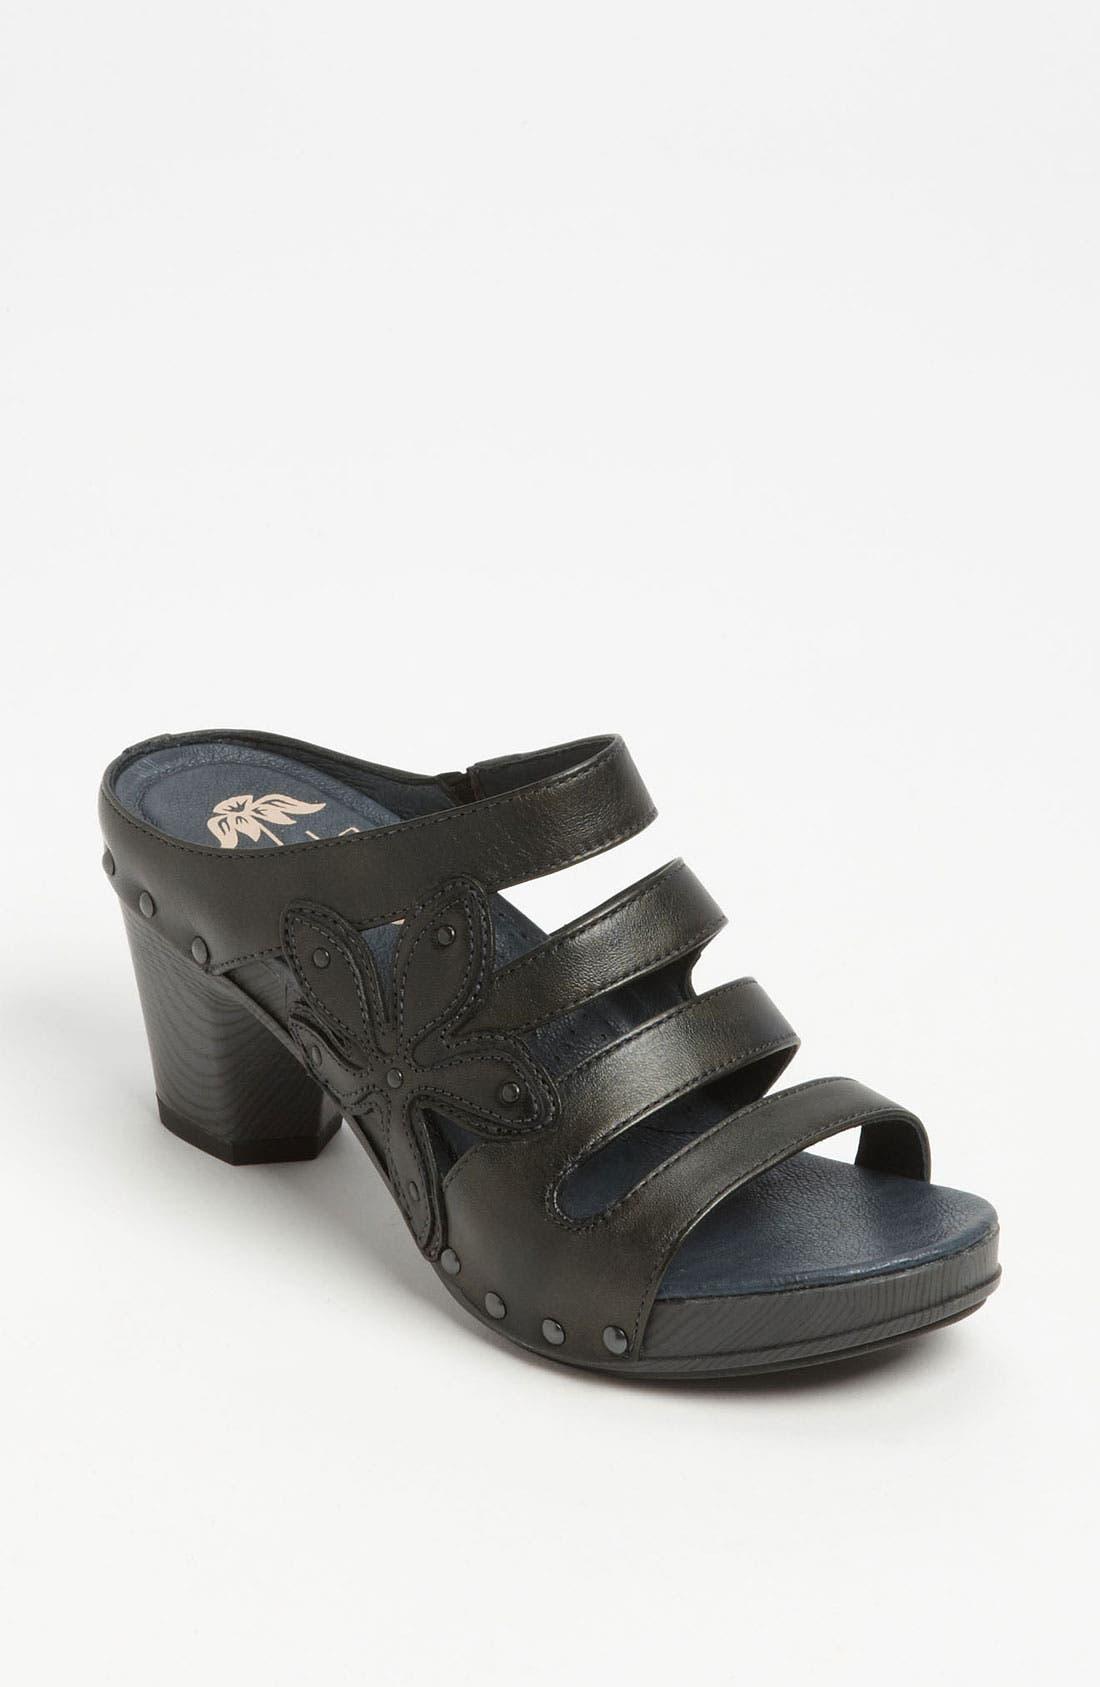 Main Image - Dansko 'Nigella' Sandal